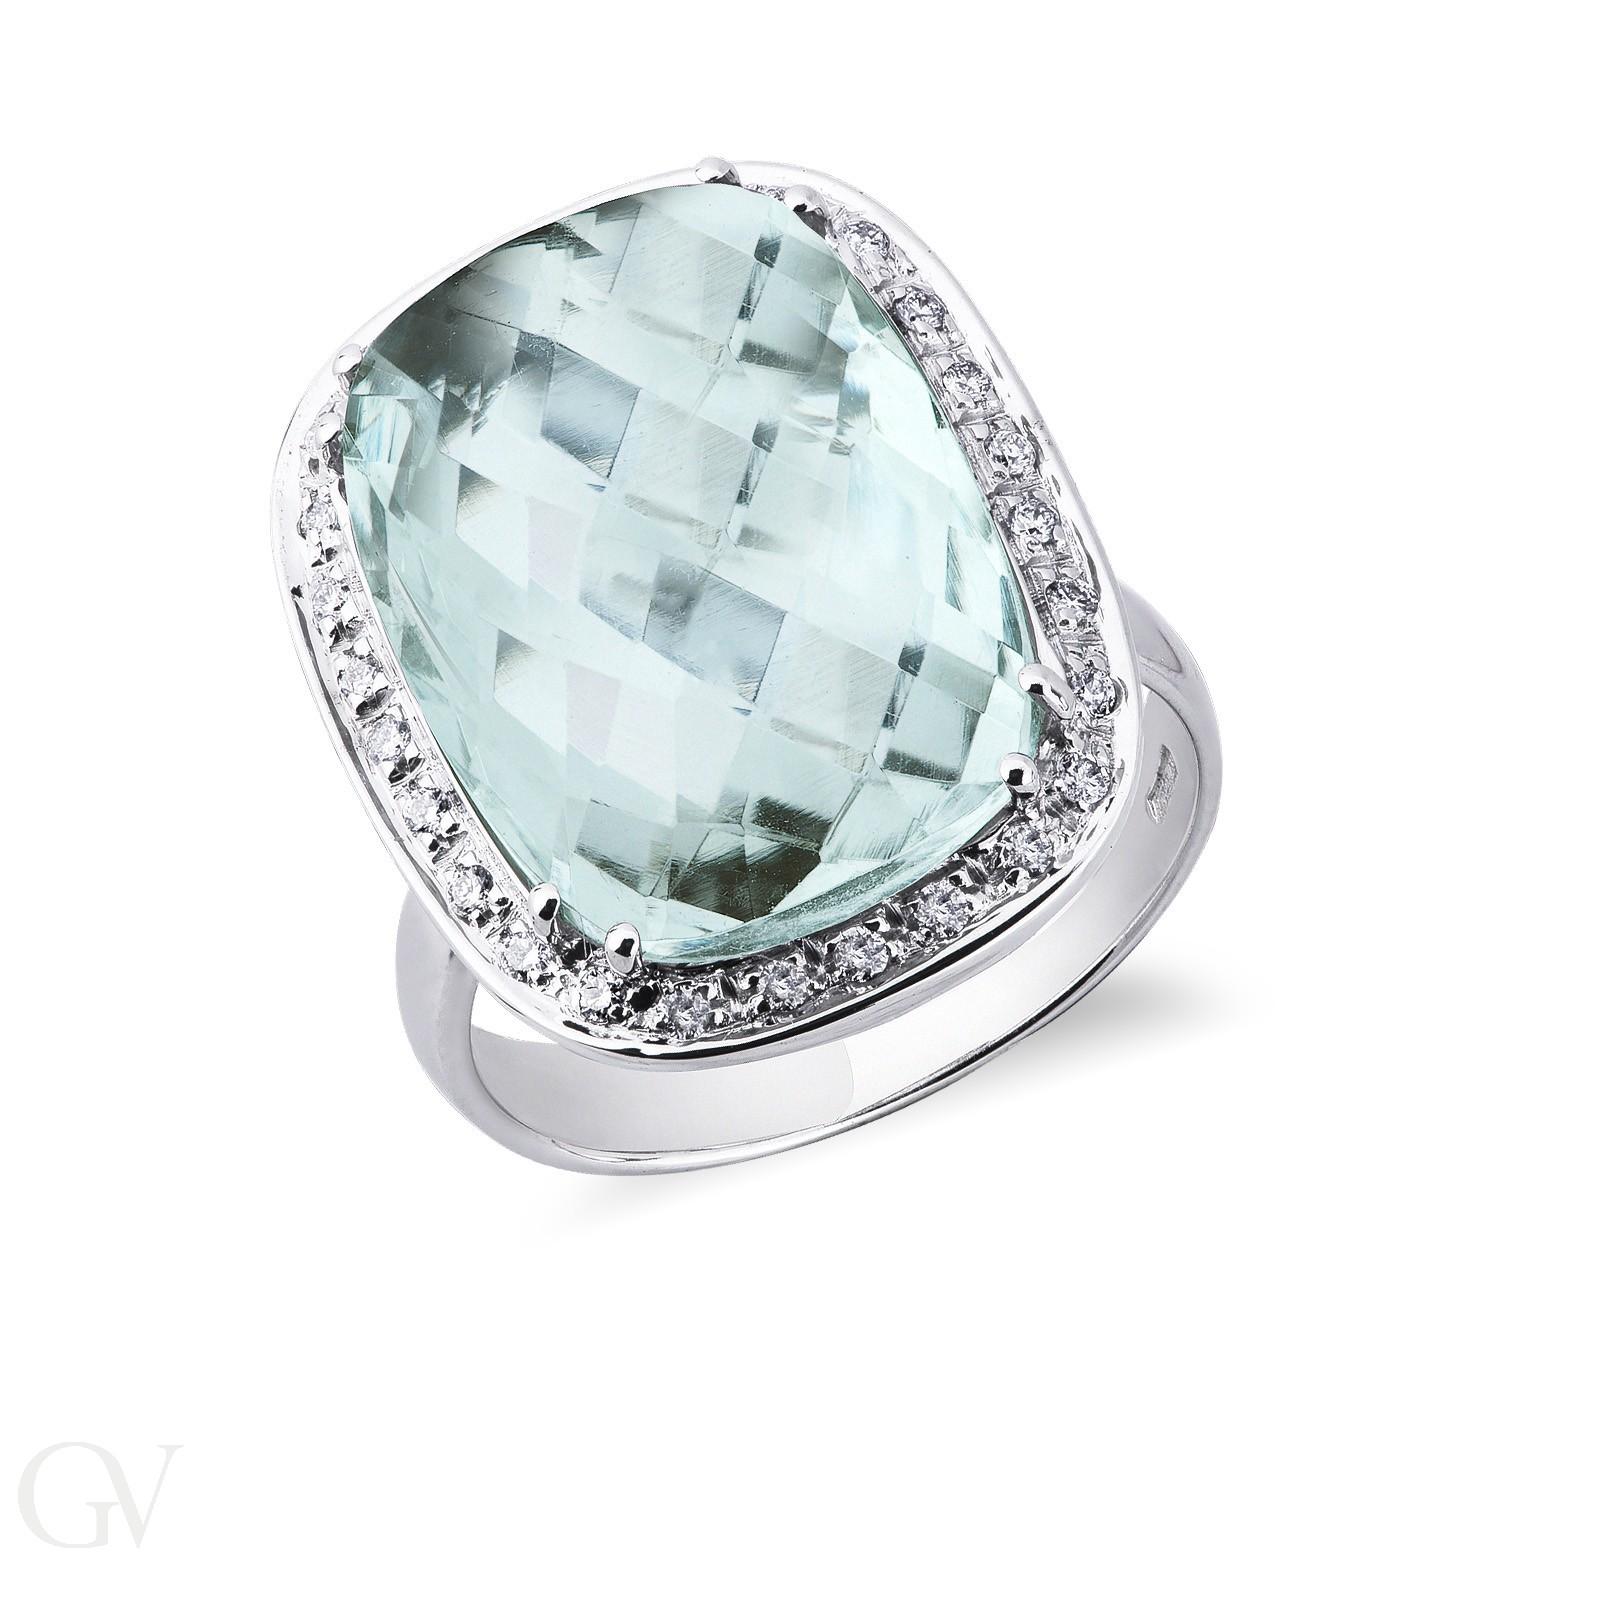 Anello contorno in oro bianco 18k con topazio azzurro e diamanti.